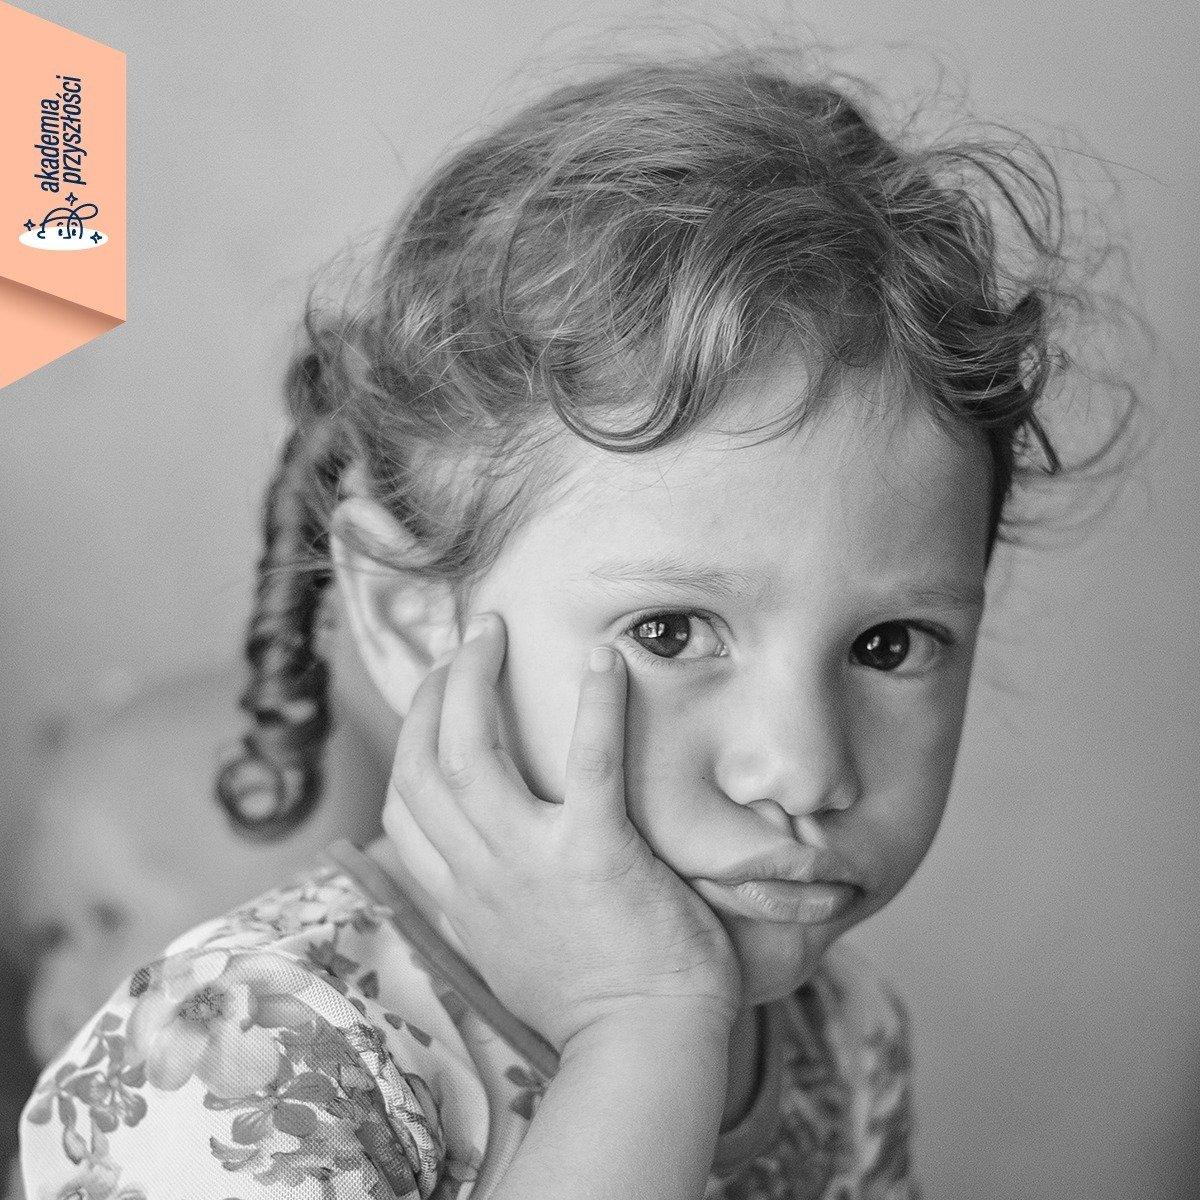 """""""Źródłem wszystkiego, co przeżywają nasze dzieciaki, jesteśmy my – dorośli"""". Webinar z Joanną Sadzik o tym, jak budować poczucie własnej wartości dziecka metodami Akademii Przyszłości"""